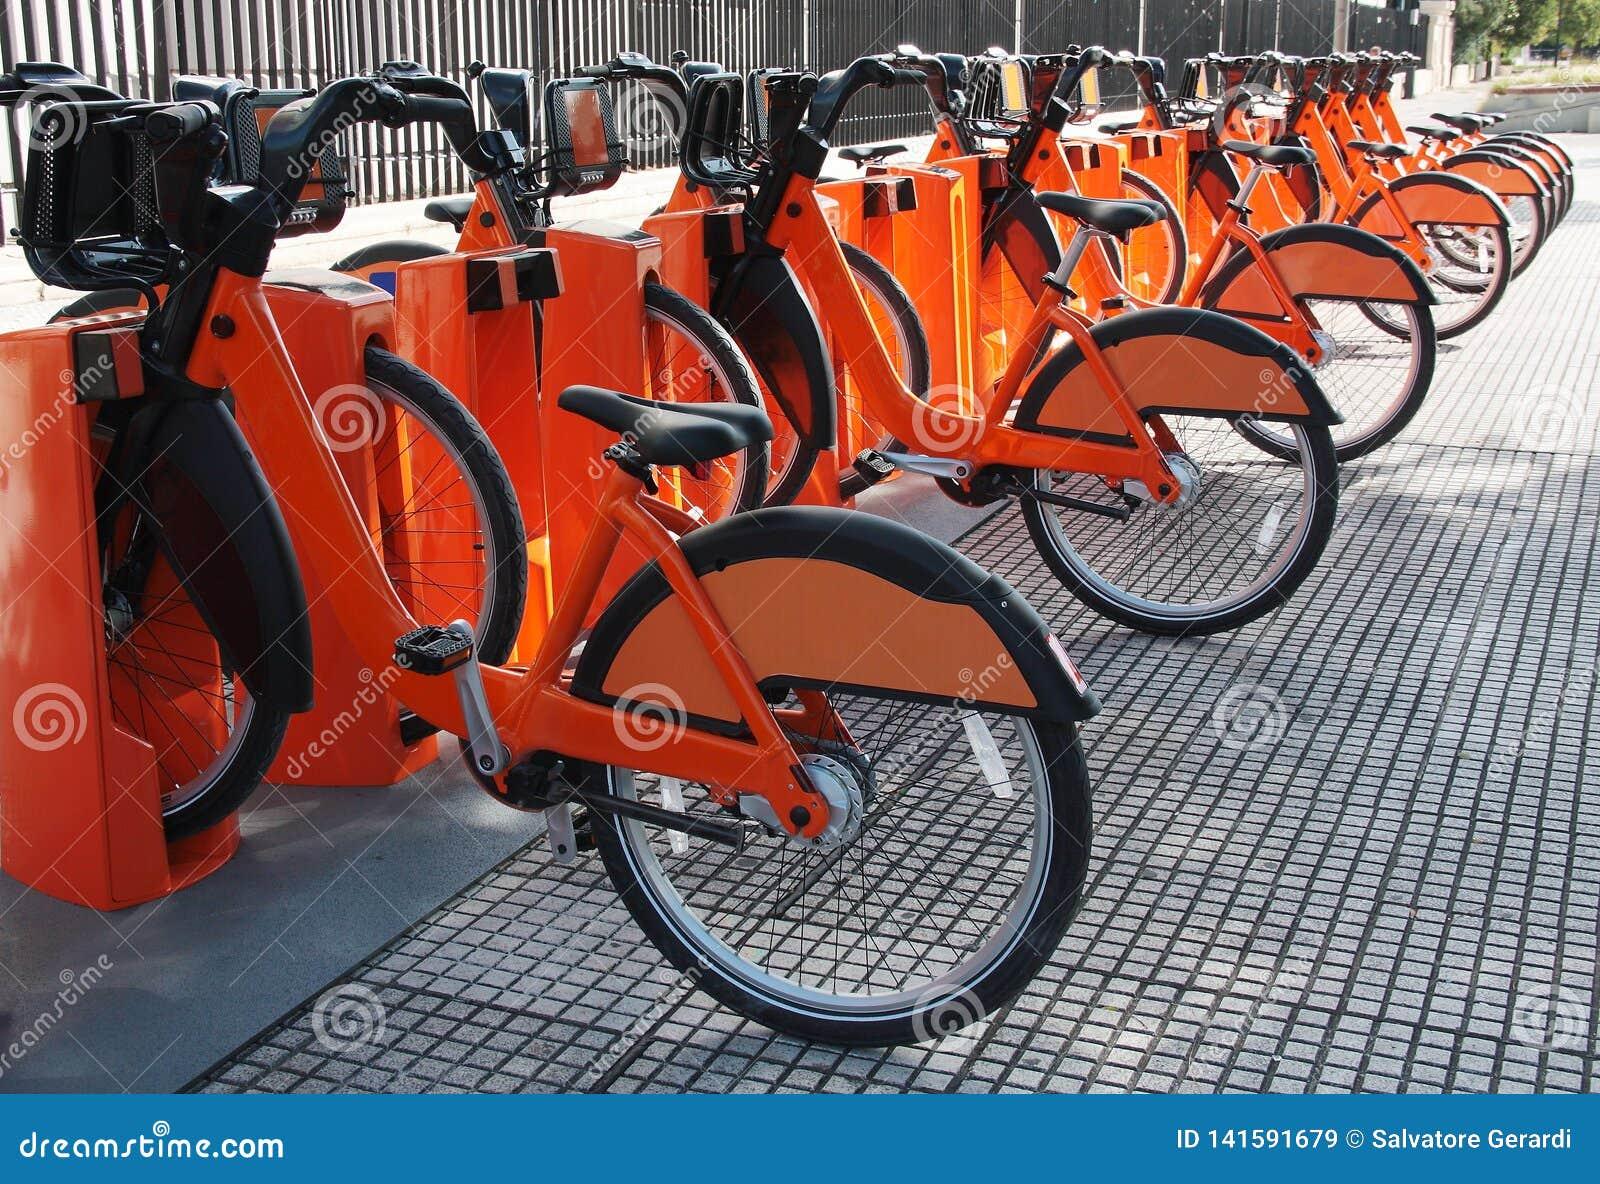 As bicicletas elétricas estacionaram em uma bicicleta que compartilha da estação